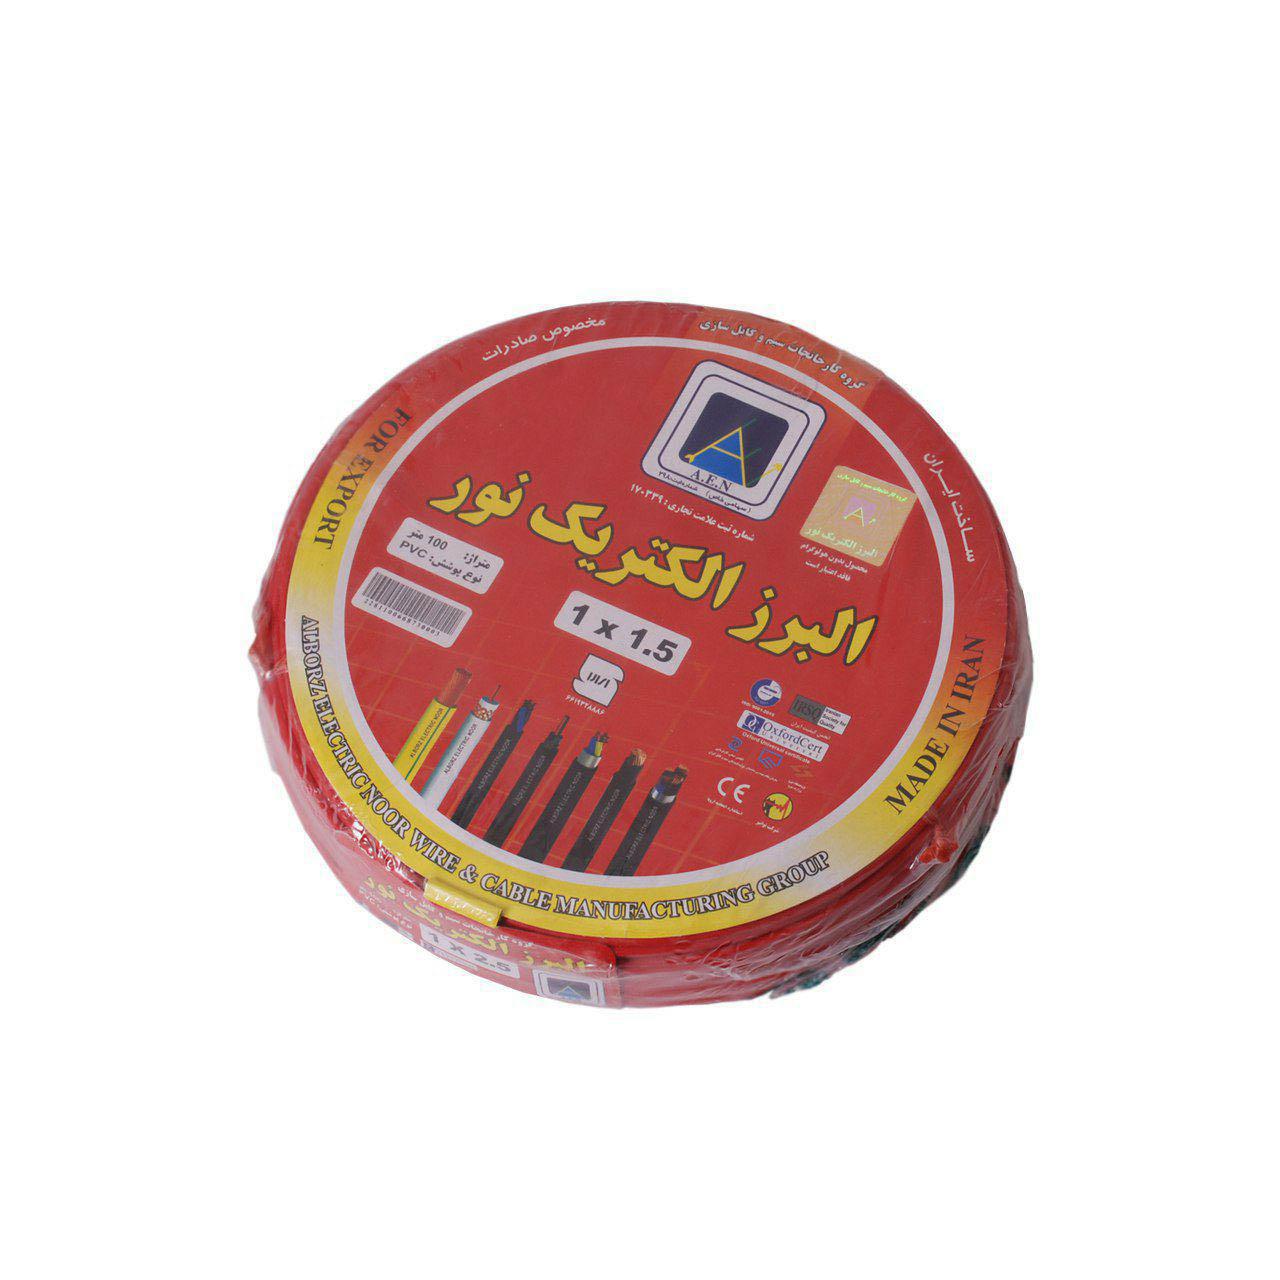 سیم برق افشان 1 در 1.5 البرز الکتریک نور  مدل 115